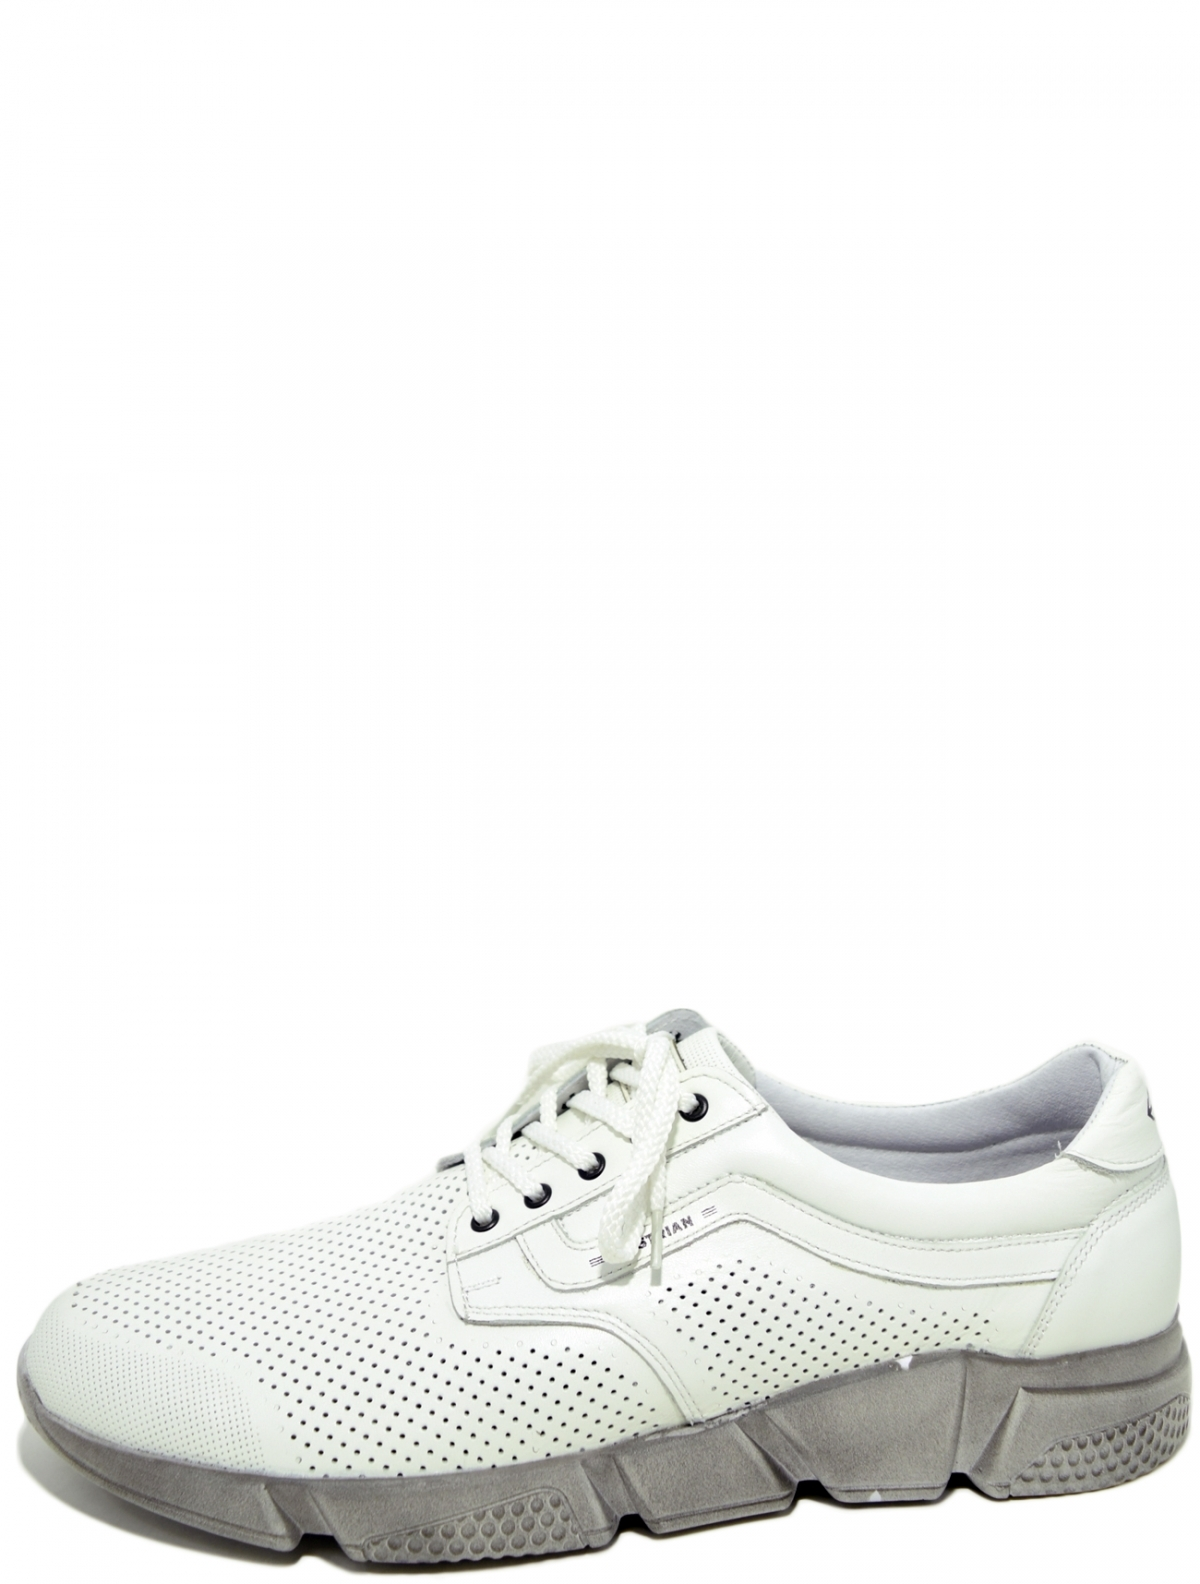 BastoM A60-1L/40 мужские кроссовки